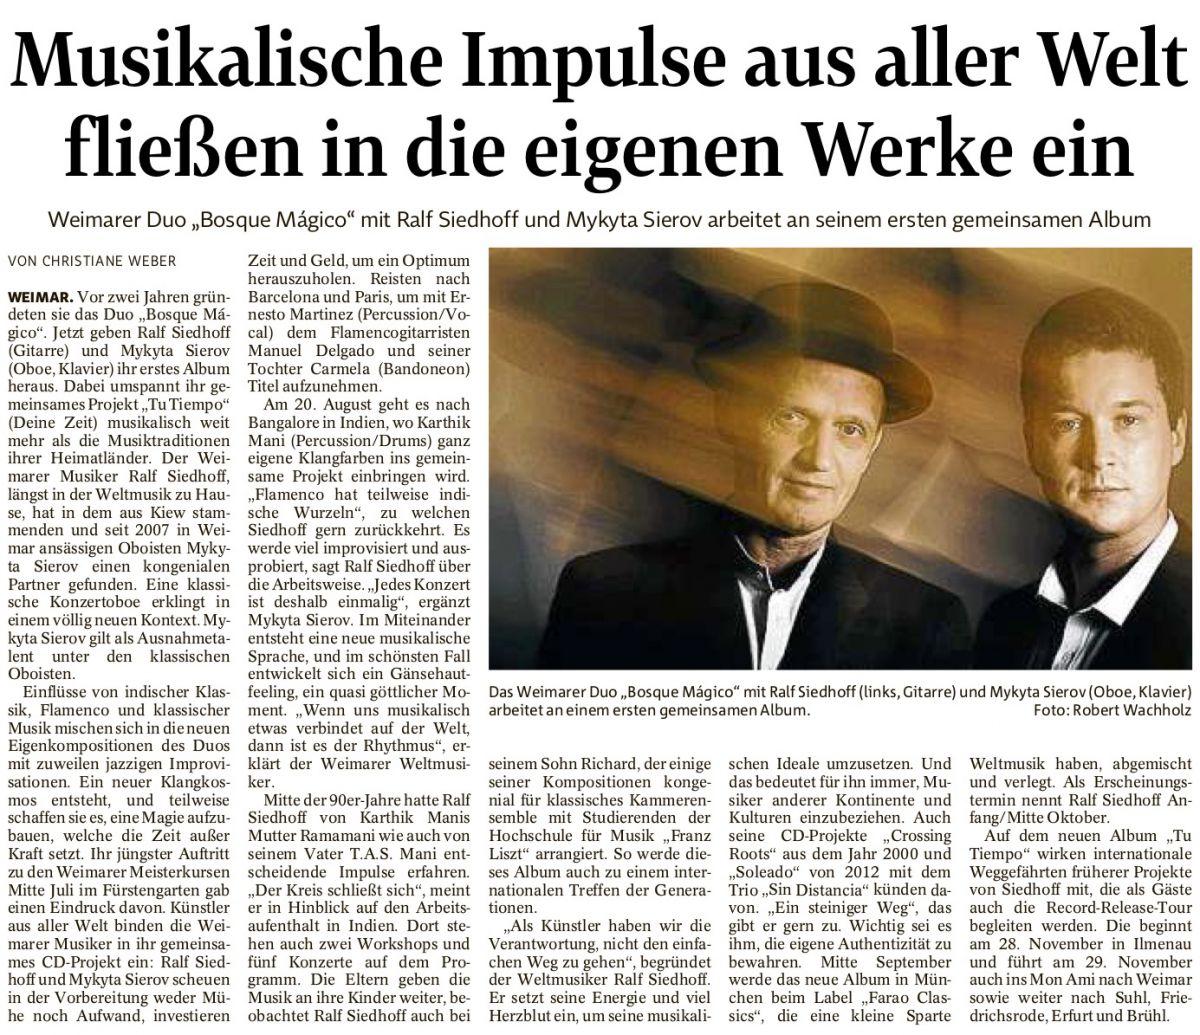 Thüringer Allgemeine - August 2018